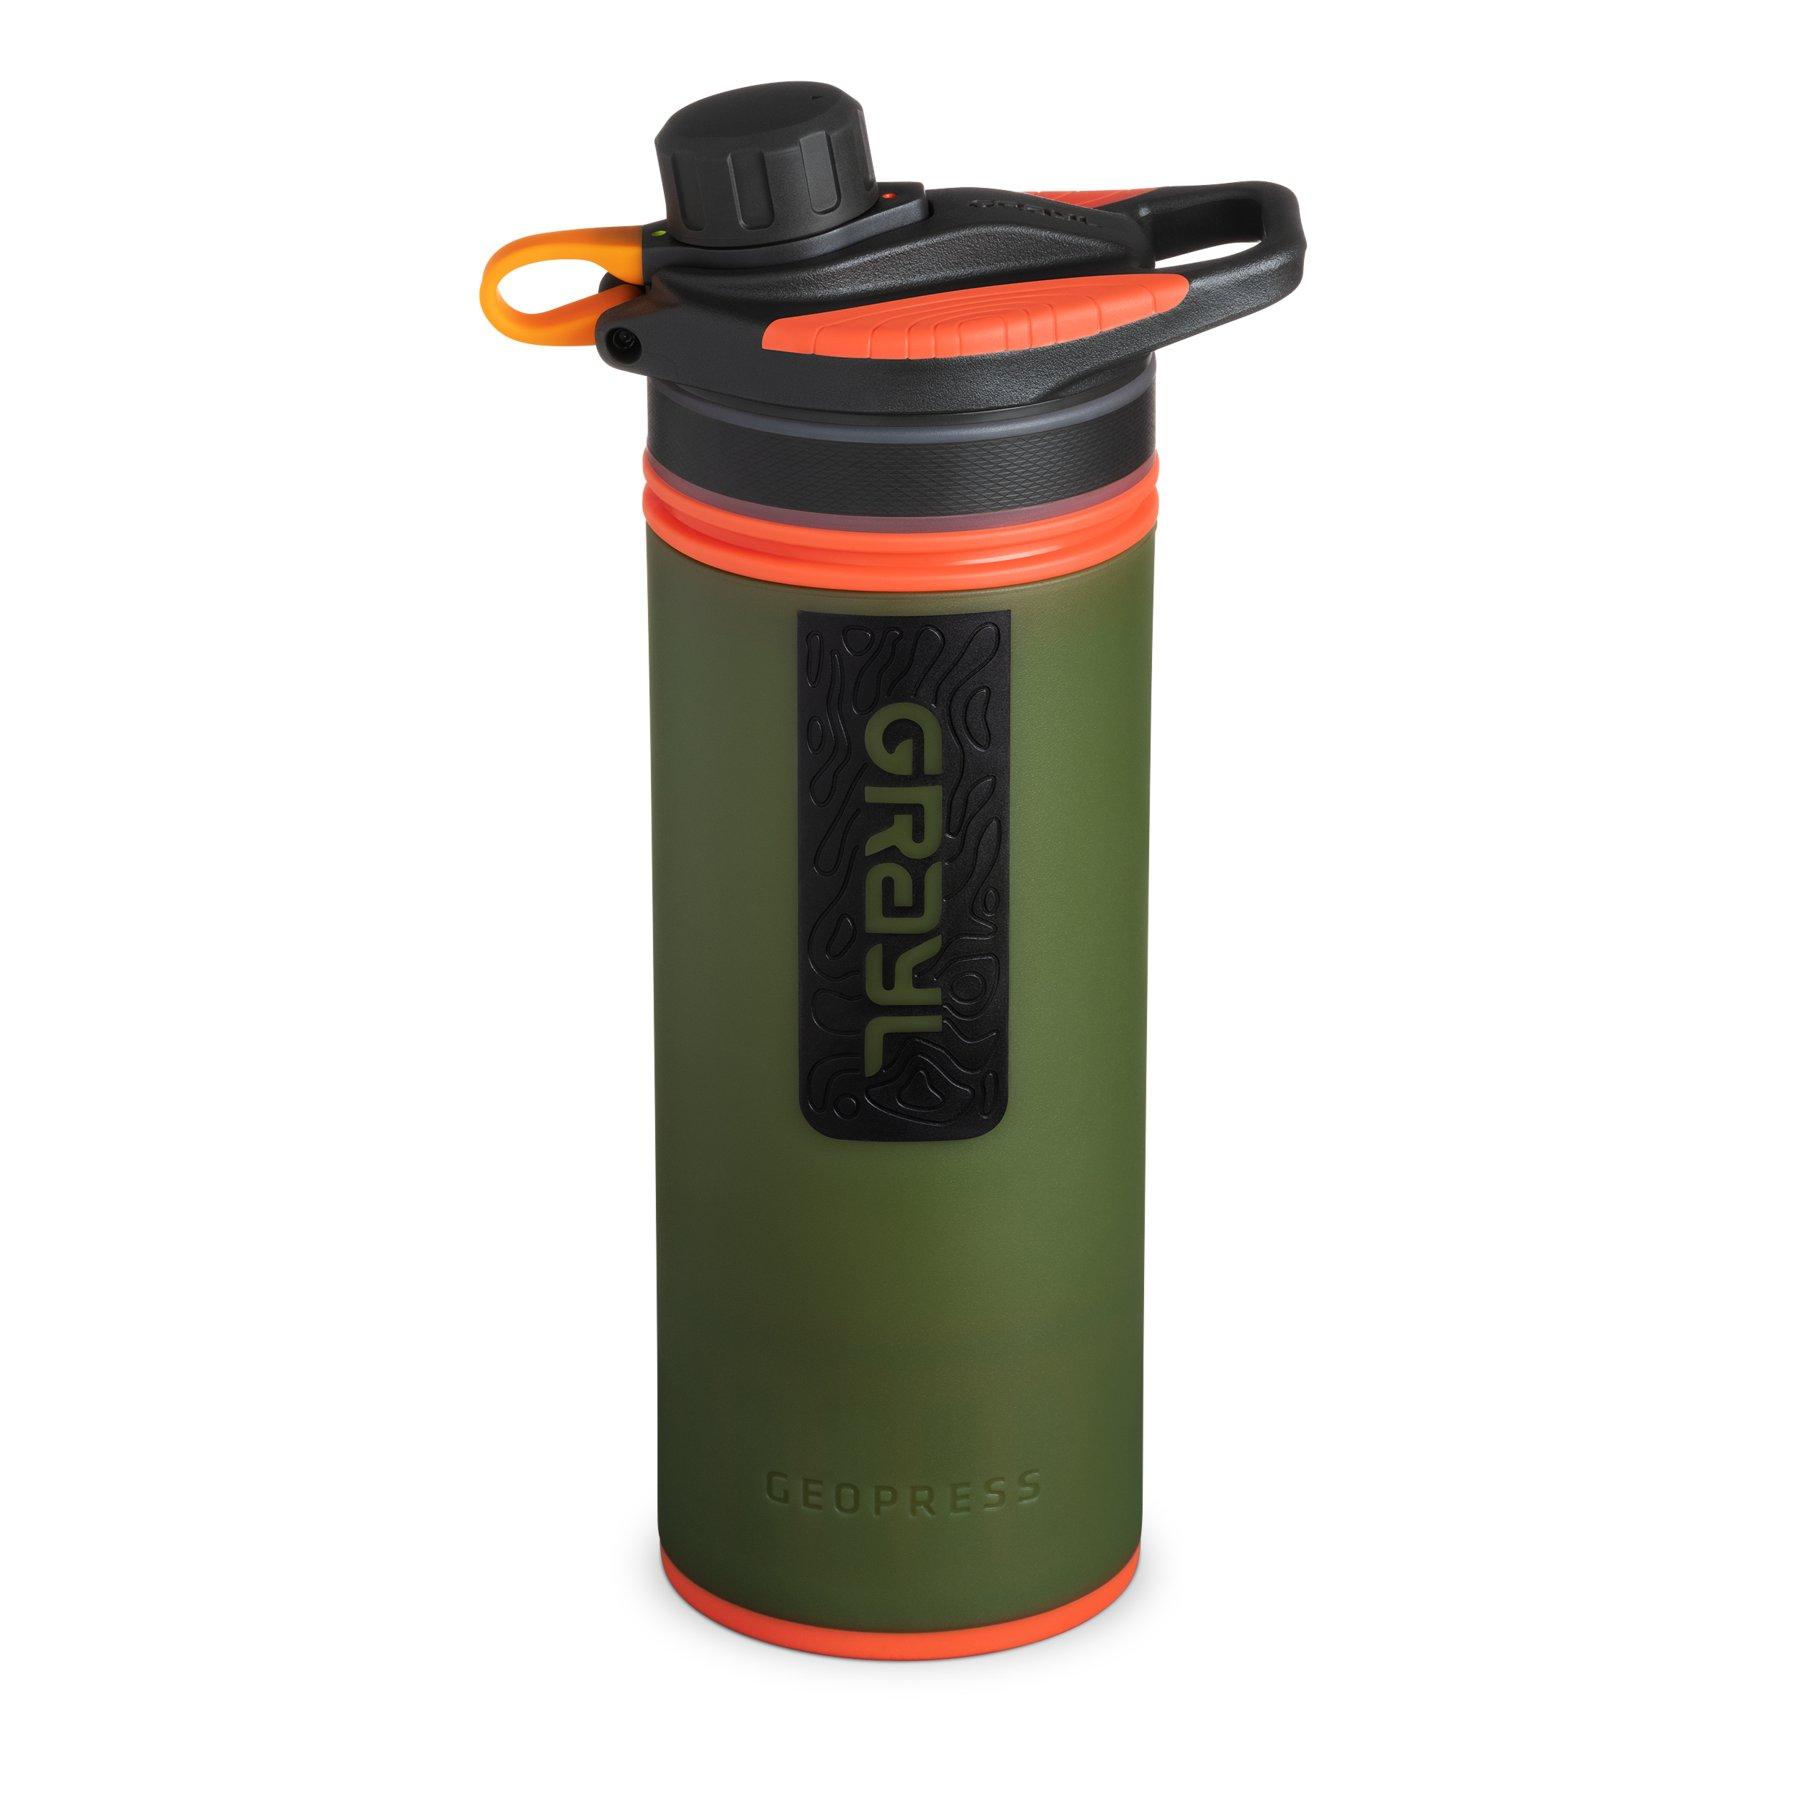 GeoPress Water Purifier Oasis Green